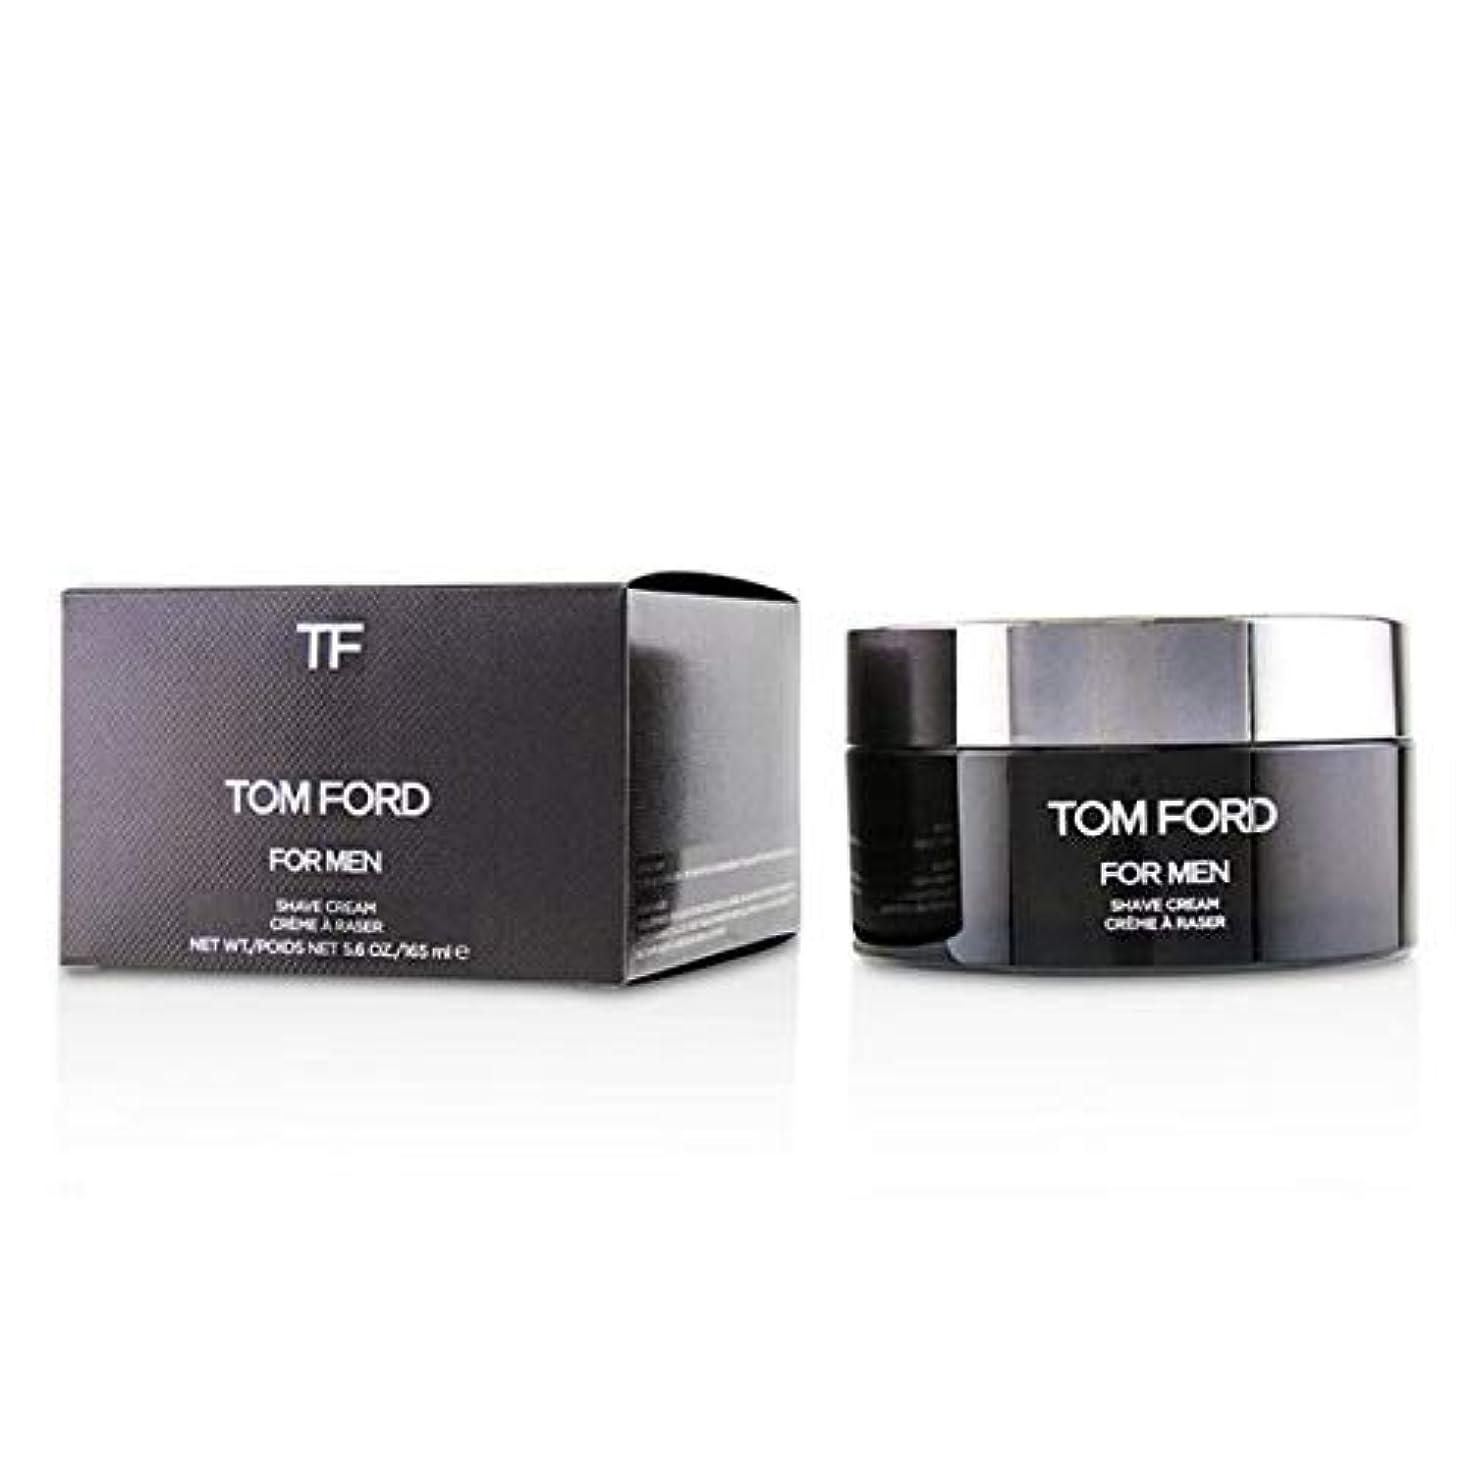 ポーン混雑広告Tom Ford for Men Shave Cream Made in Belgium 165ml / トムフォードメンズフォーシェーブクリームベルギー製165ml